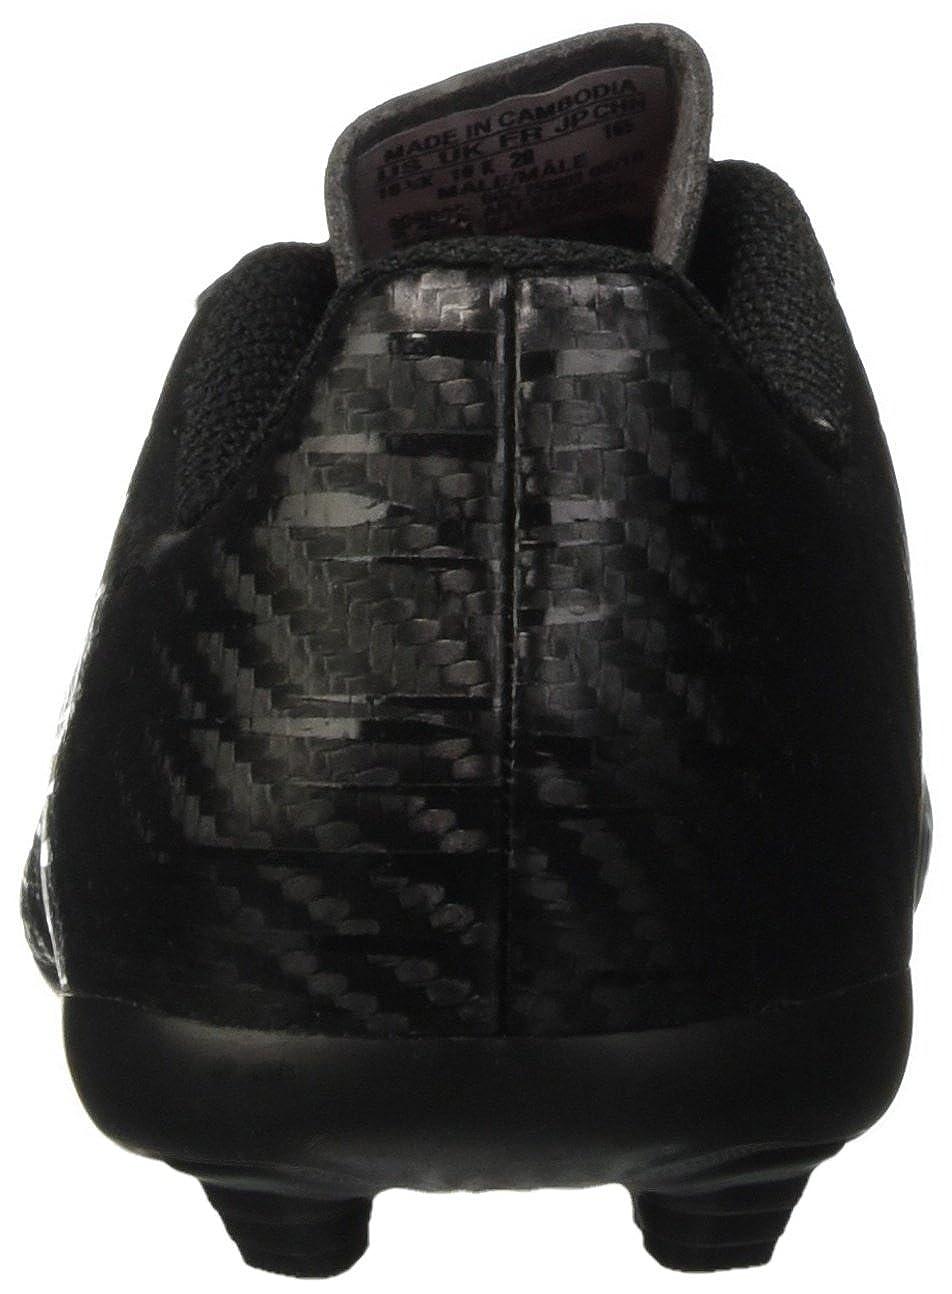 Adidas Jungen X 16.4 Fxg Fußballschuhe schwarz grau foncà B01FKRVPGA B01FKRVPGA B01FKRVPGA Fuballschuhe Qualität und Quantität garantiert dbf8b7